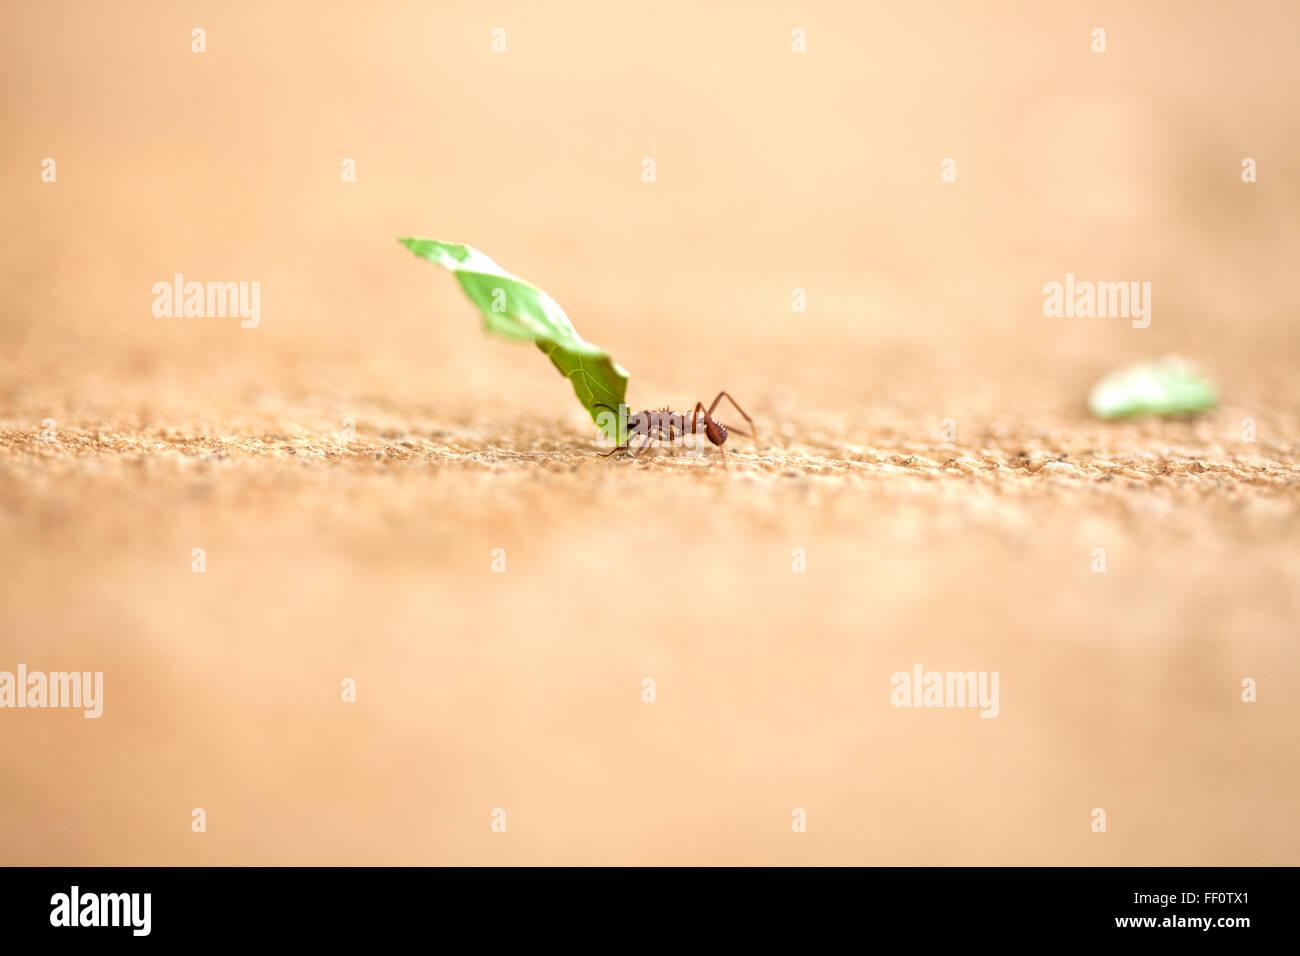 Eine Nahaufnahme eines einzelnes Blatt Scherblock Ameise tragen ein Stück grünes Blatt über eine Stockbild